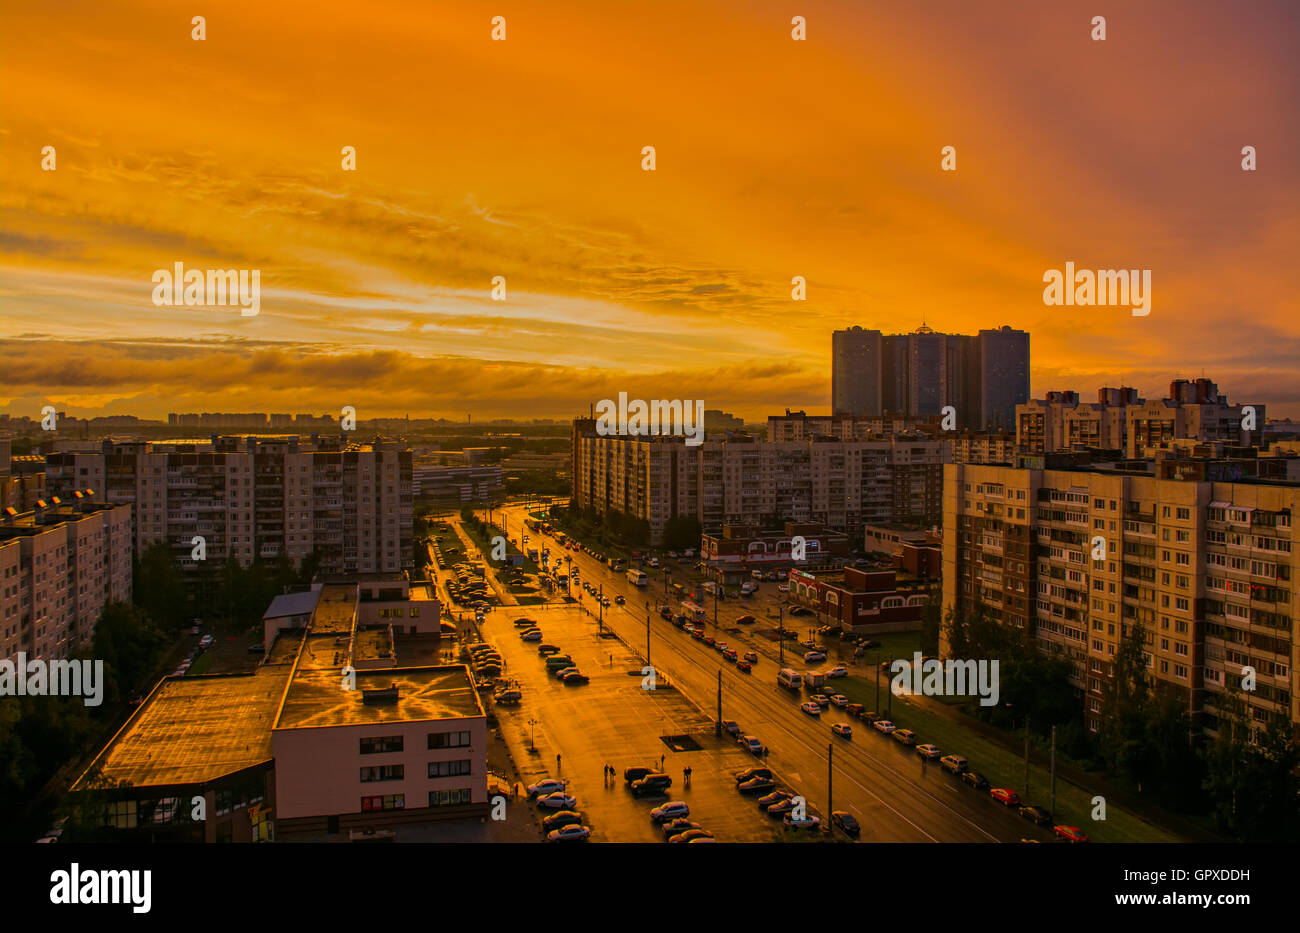 Sonnenuntergang in der Stadt nach Regen Stockfoto